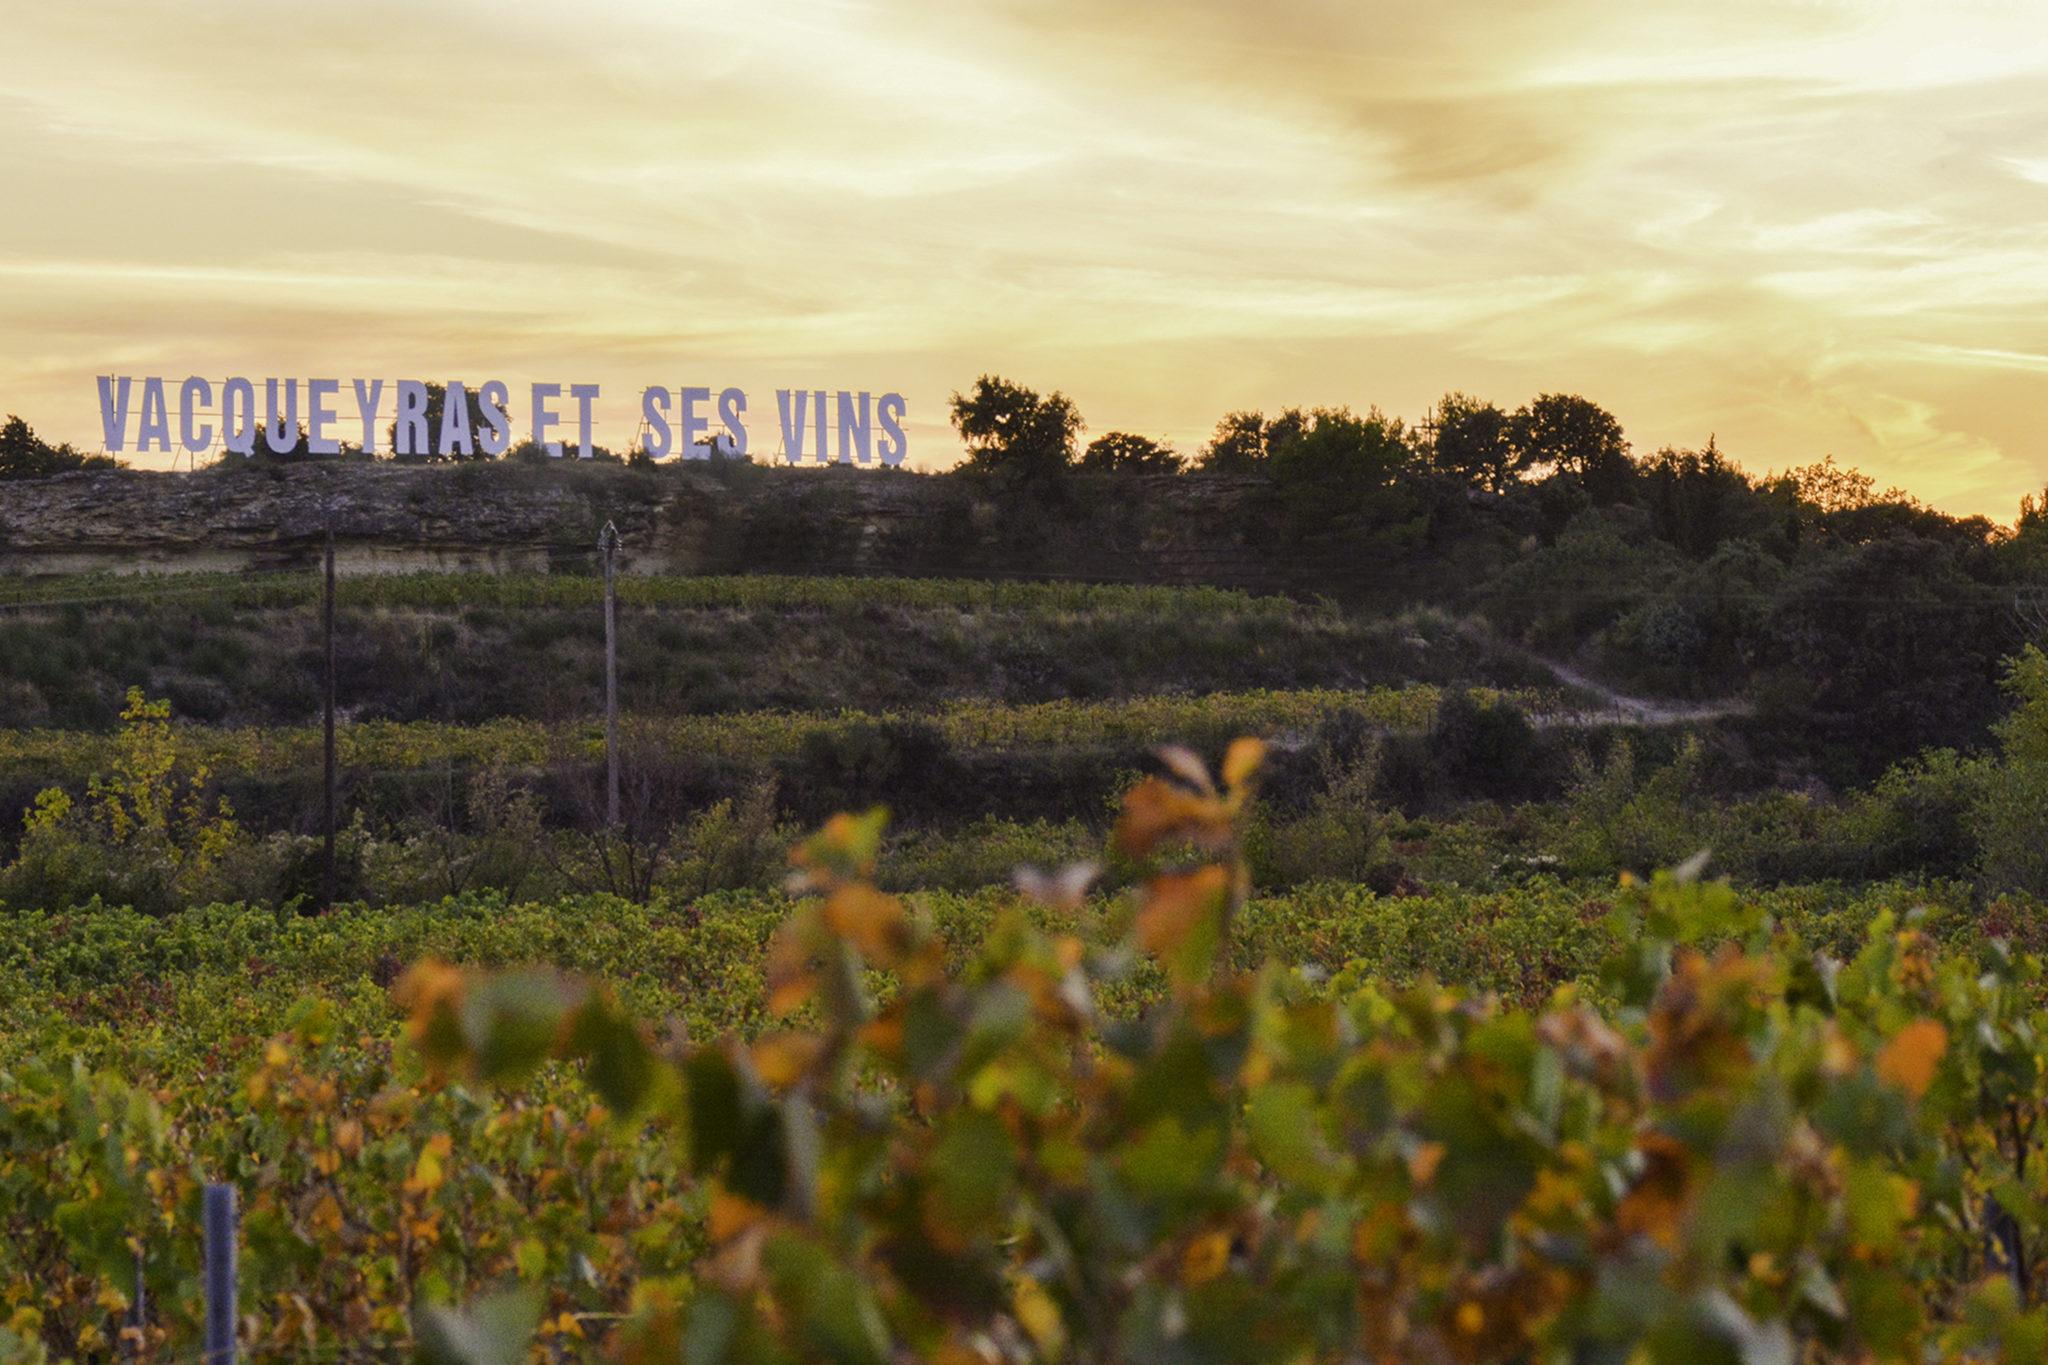 vacqueyras et ses vins